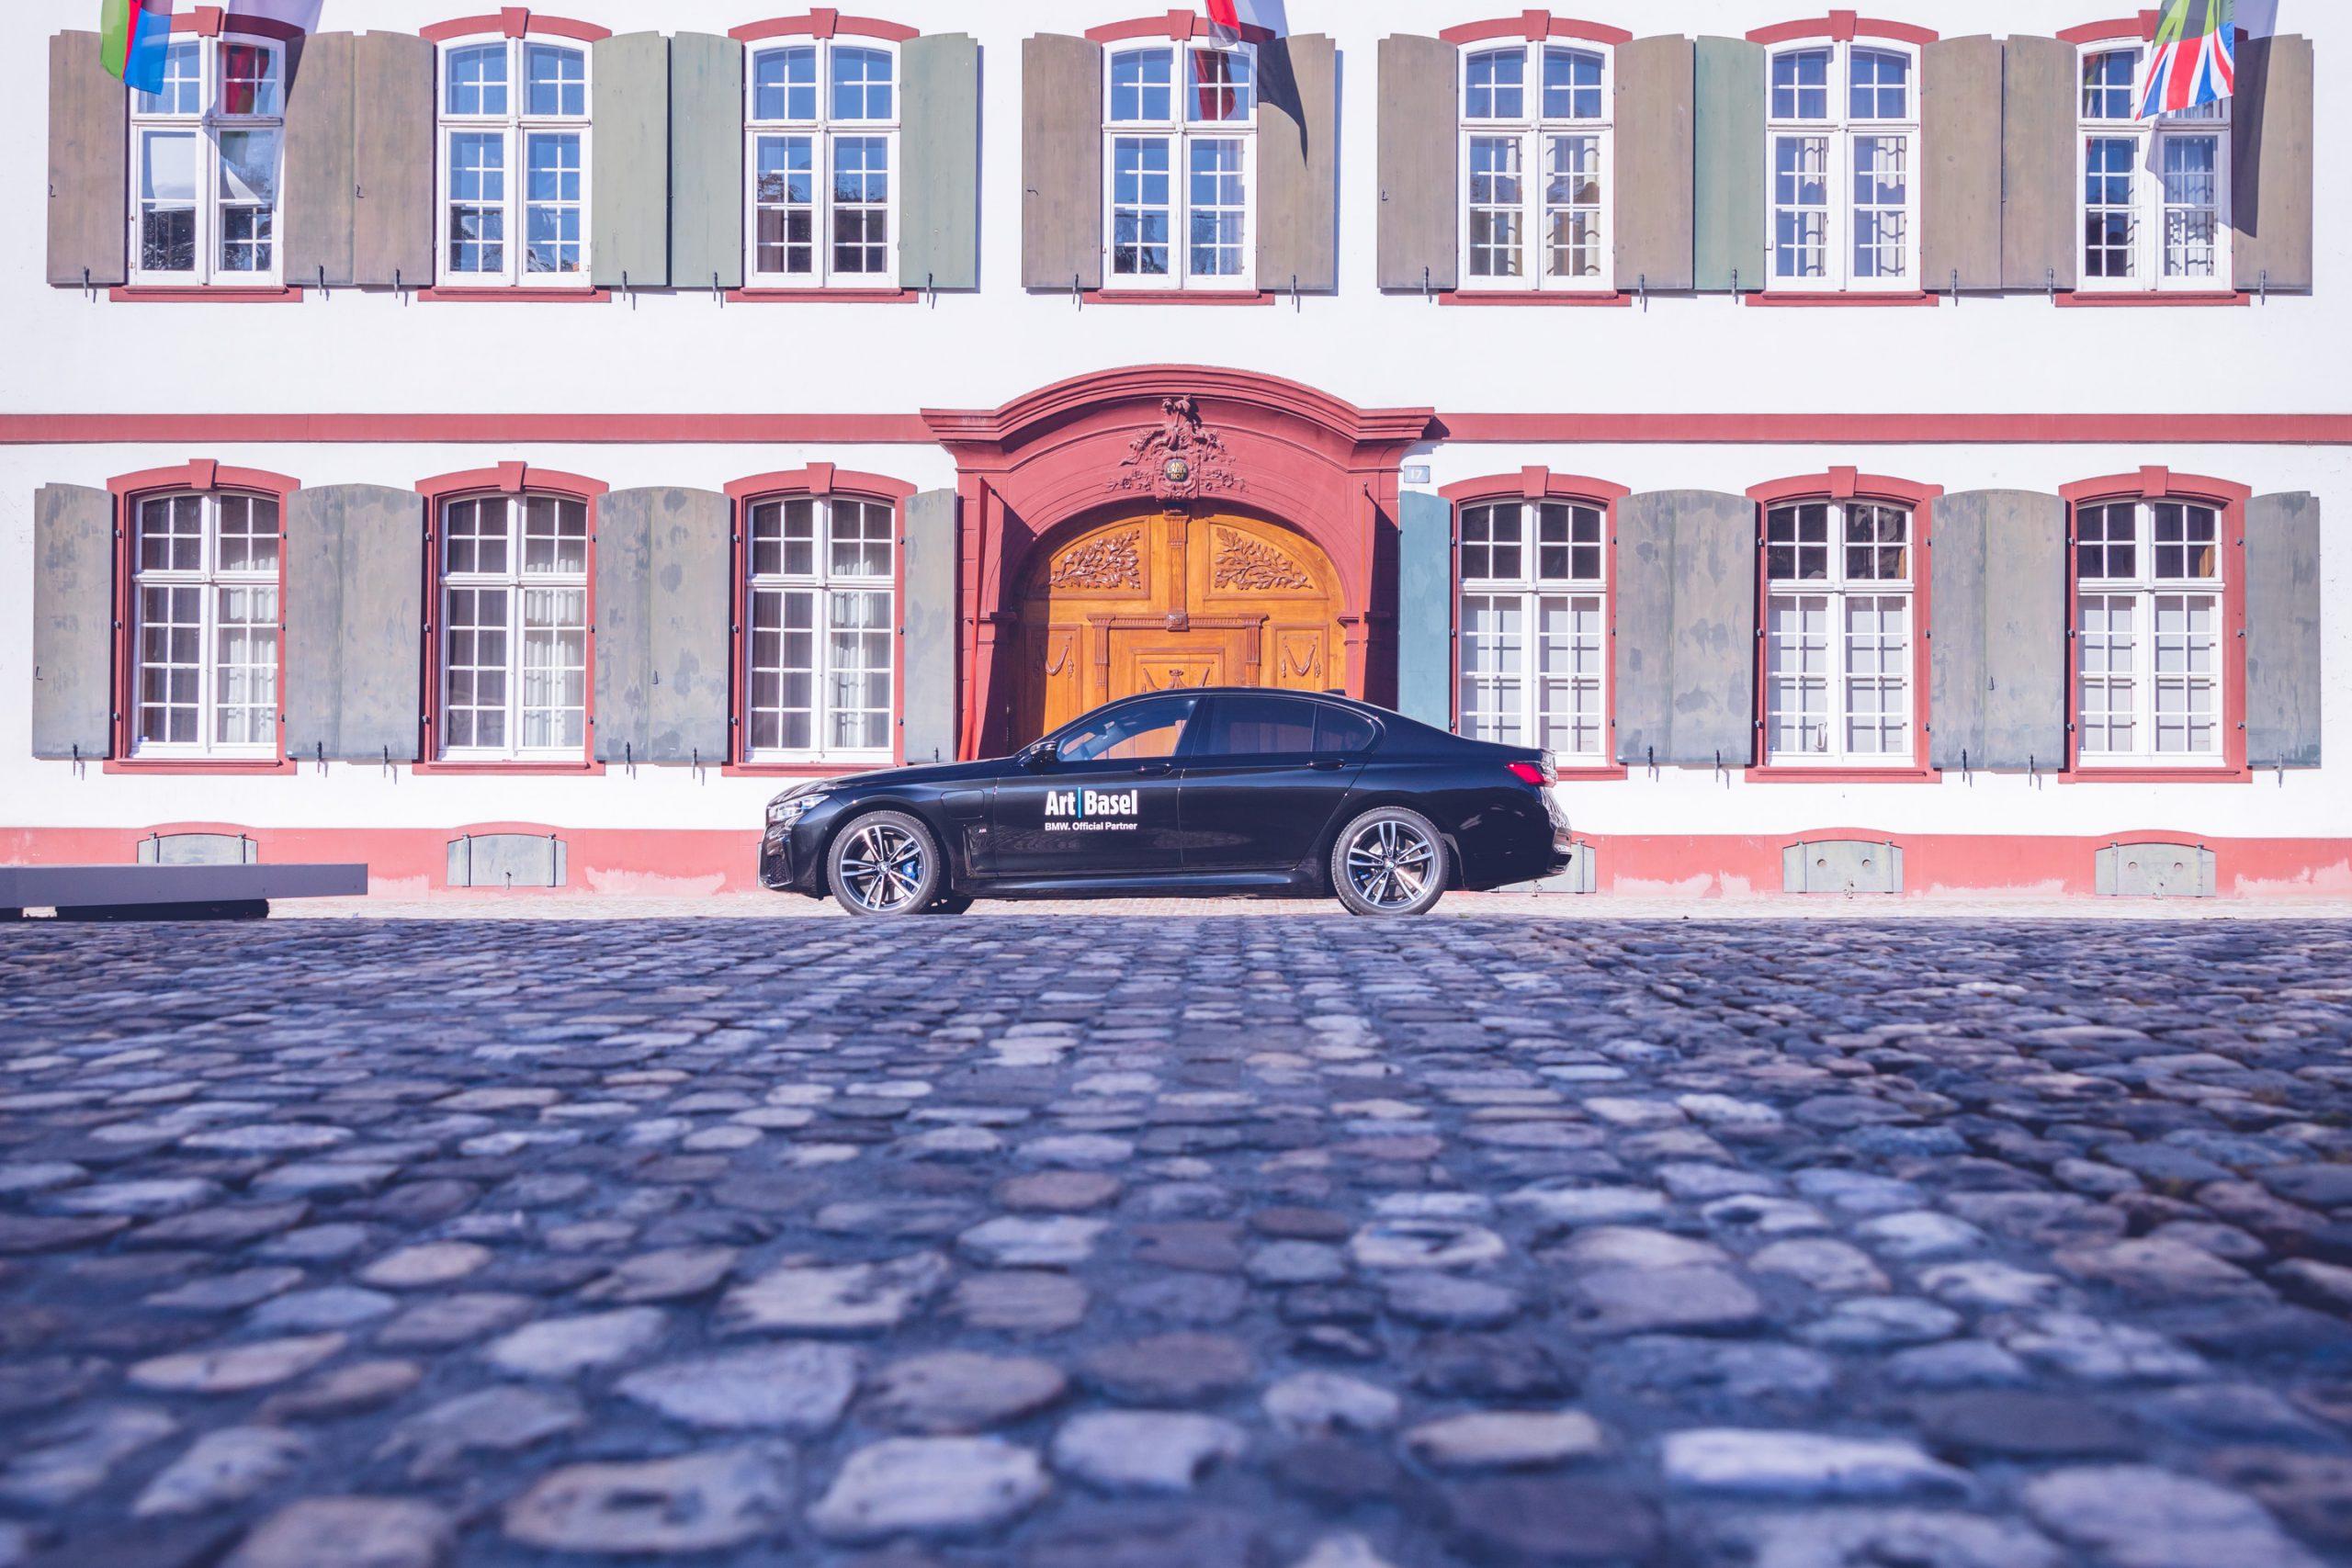 Art Basel BMW Culture 7er 7series 2019 in der Innenstadt von Basel mit Kopsteinpflaster, Flaggen, Haus, Fester, Eingangstür